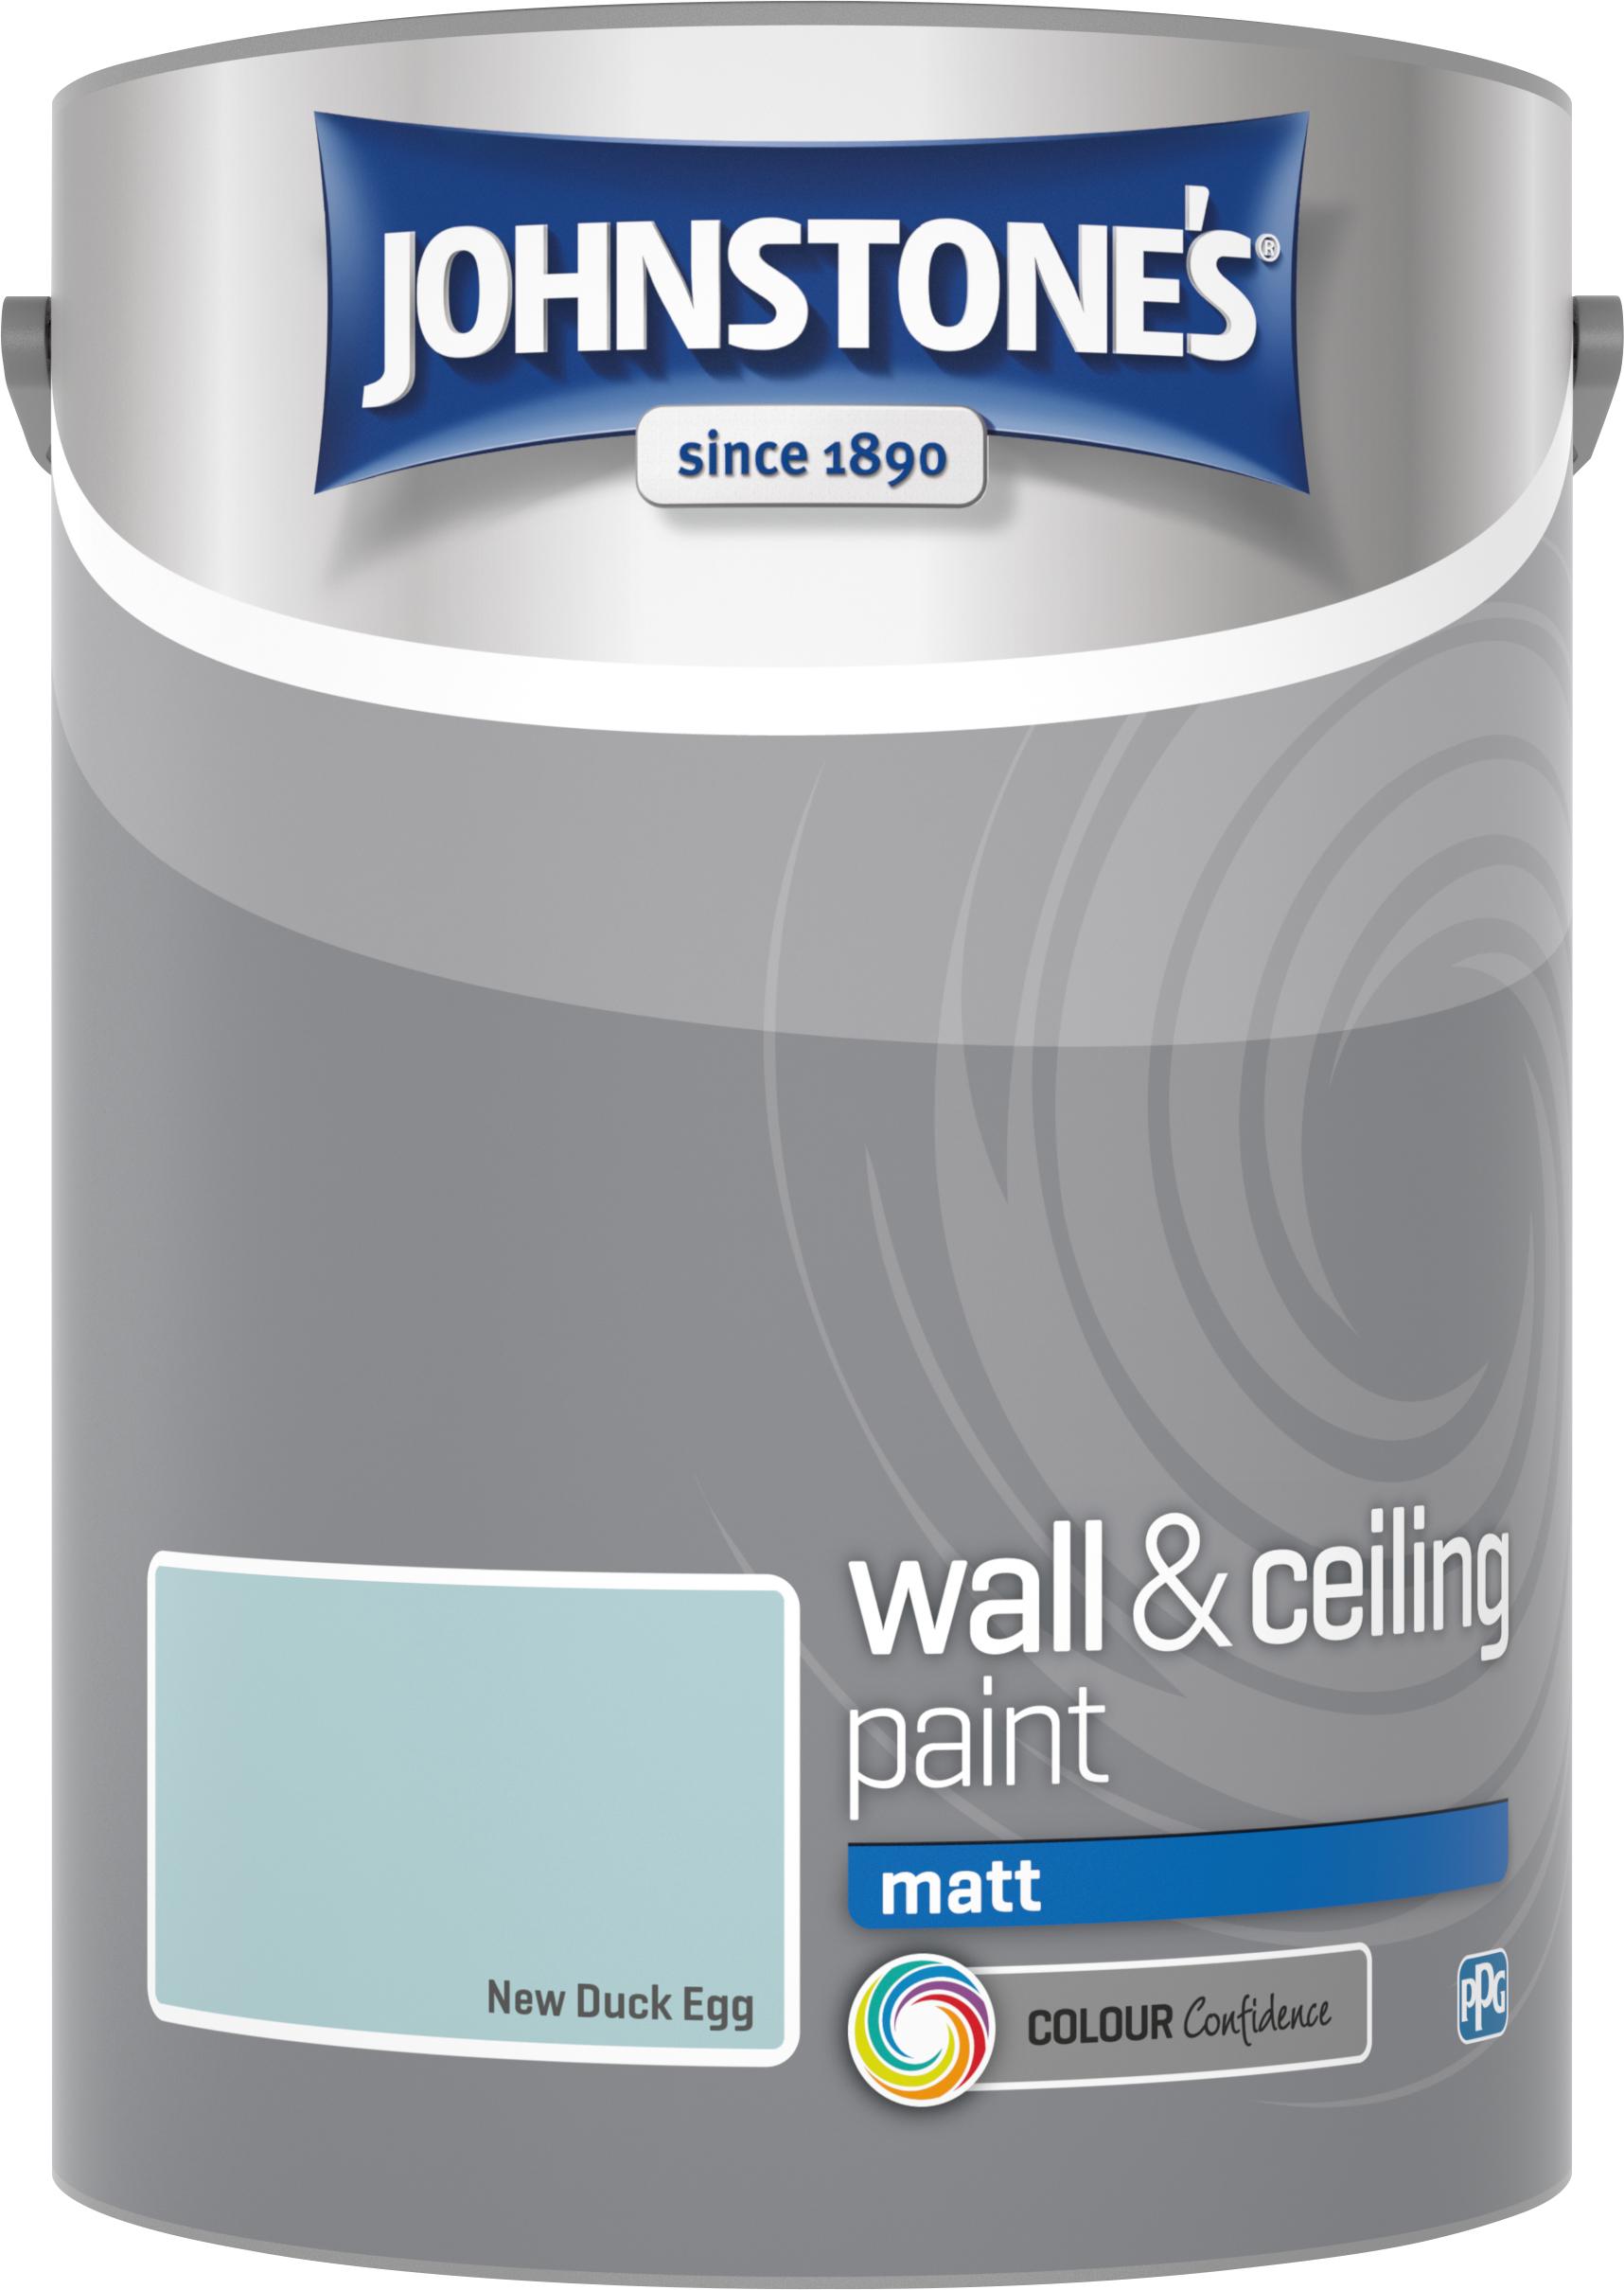 Johnstone's 5 Litre Matt Emulsion Paint - New Duck Egg